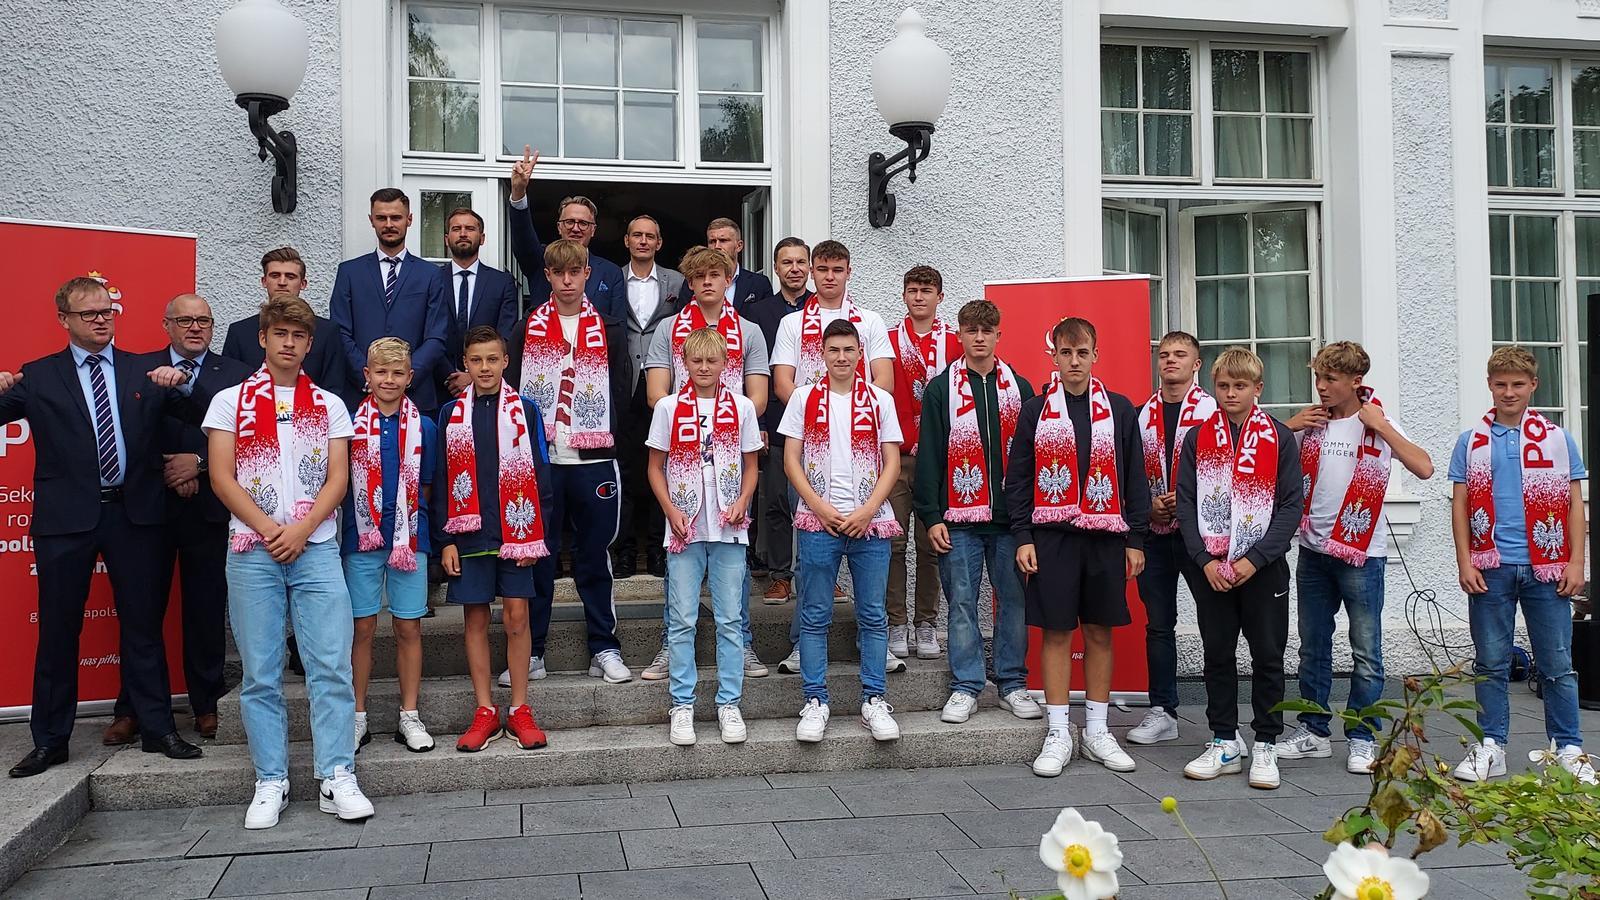 Polowanie na talenty z Bawarii i okolic